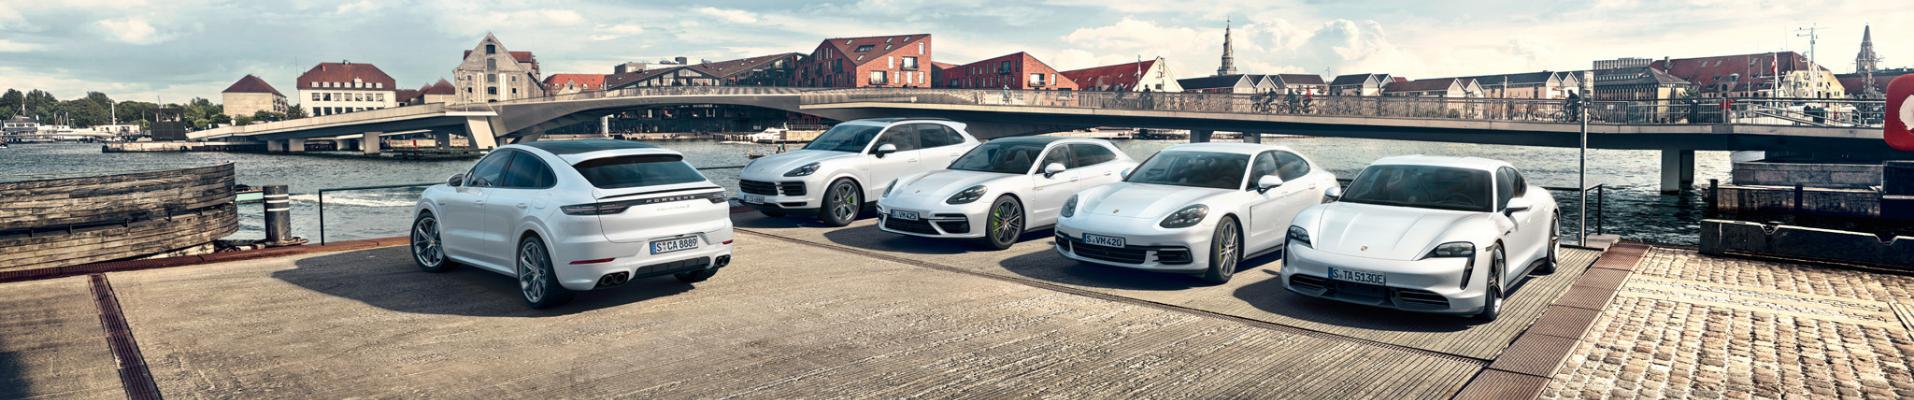 Porsche Top Condition Valuation